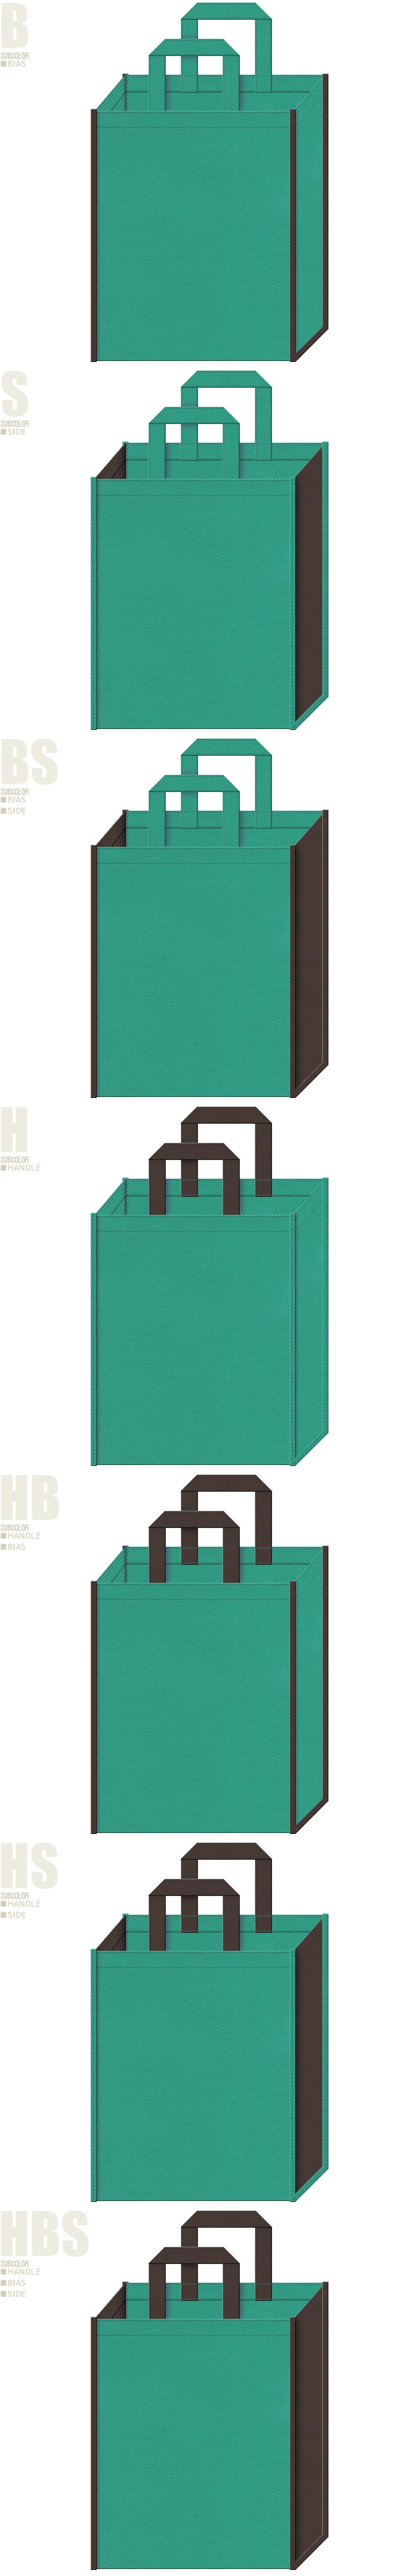 青緑色とこげ茶色、7パターンの不織布トートバッグ配色デザイン例。